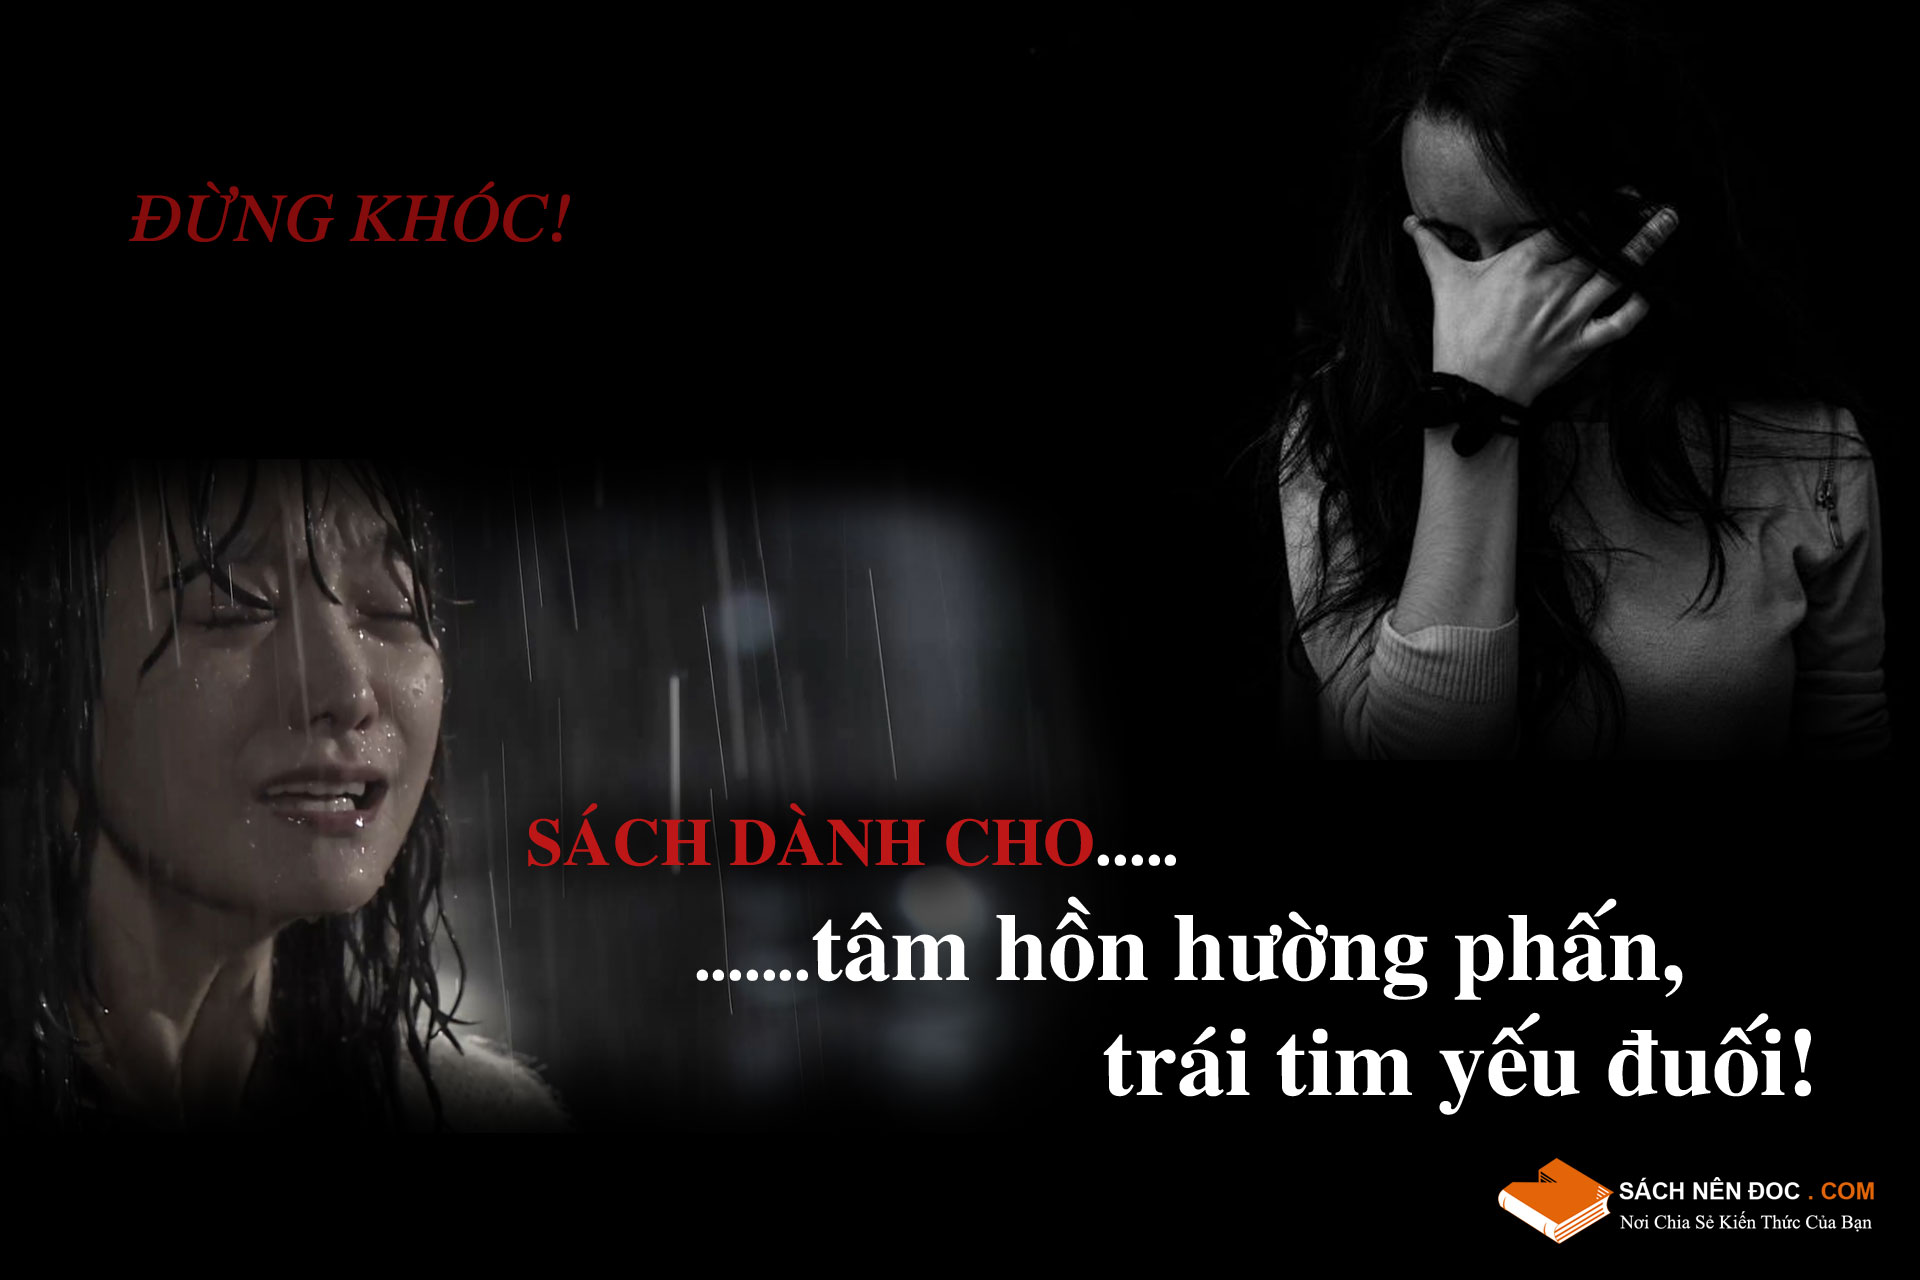 song-thuc-te-giua-doi-thuc-dung-me-mong-sach-nen-doc-2020-2